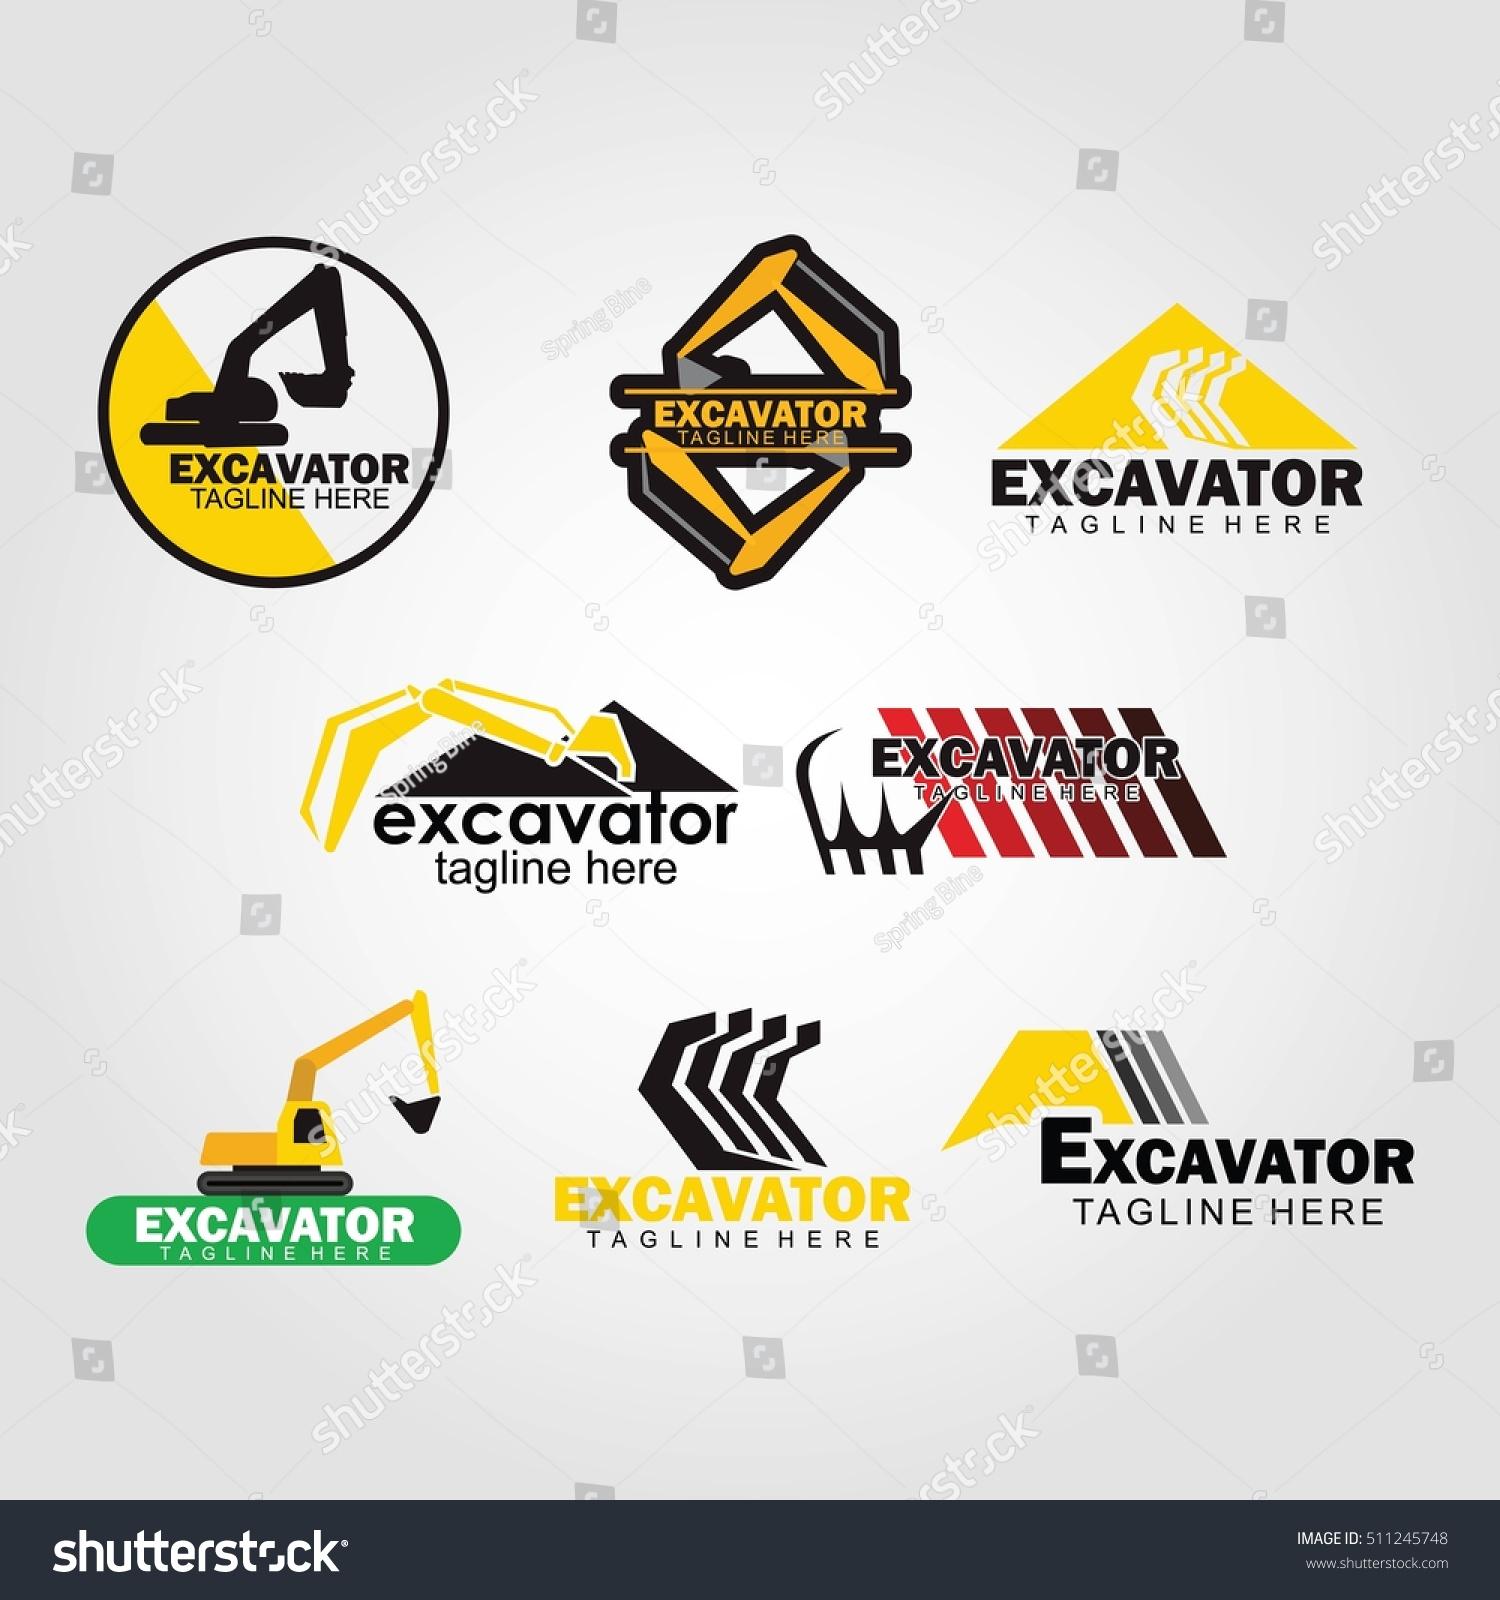 Excavation Logos to Download  vexelscom